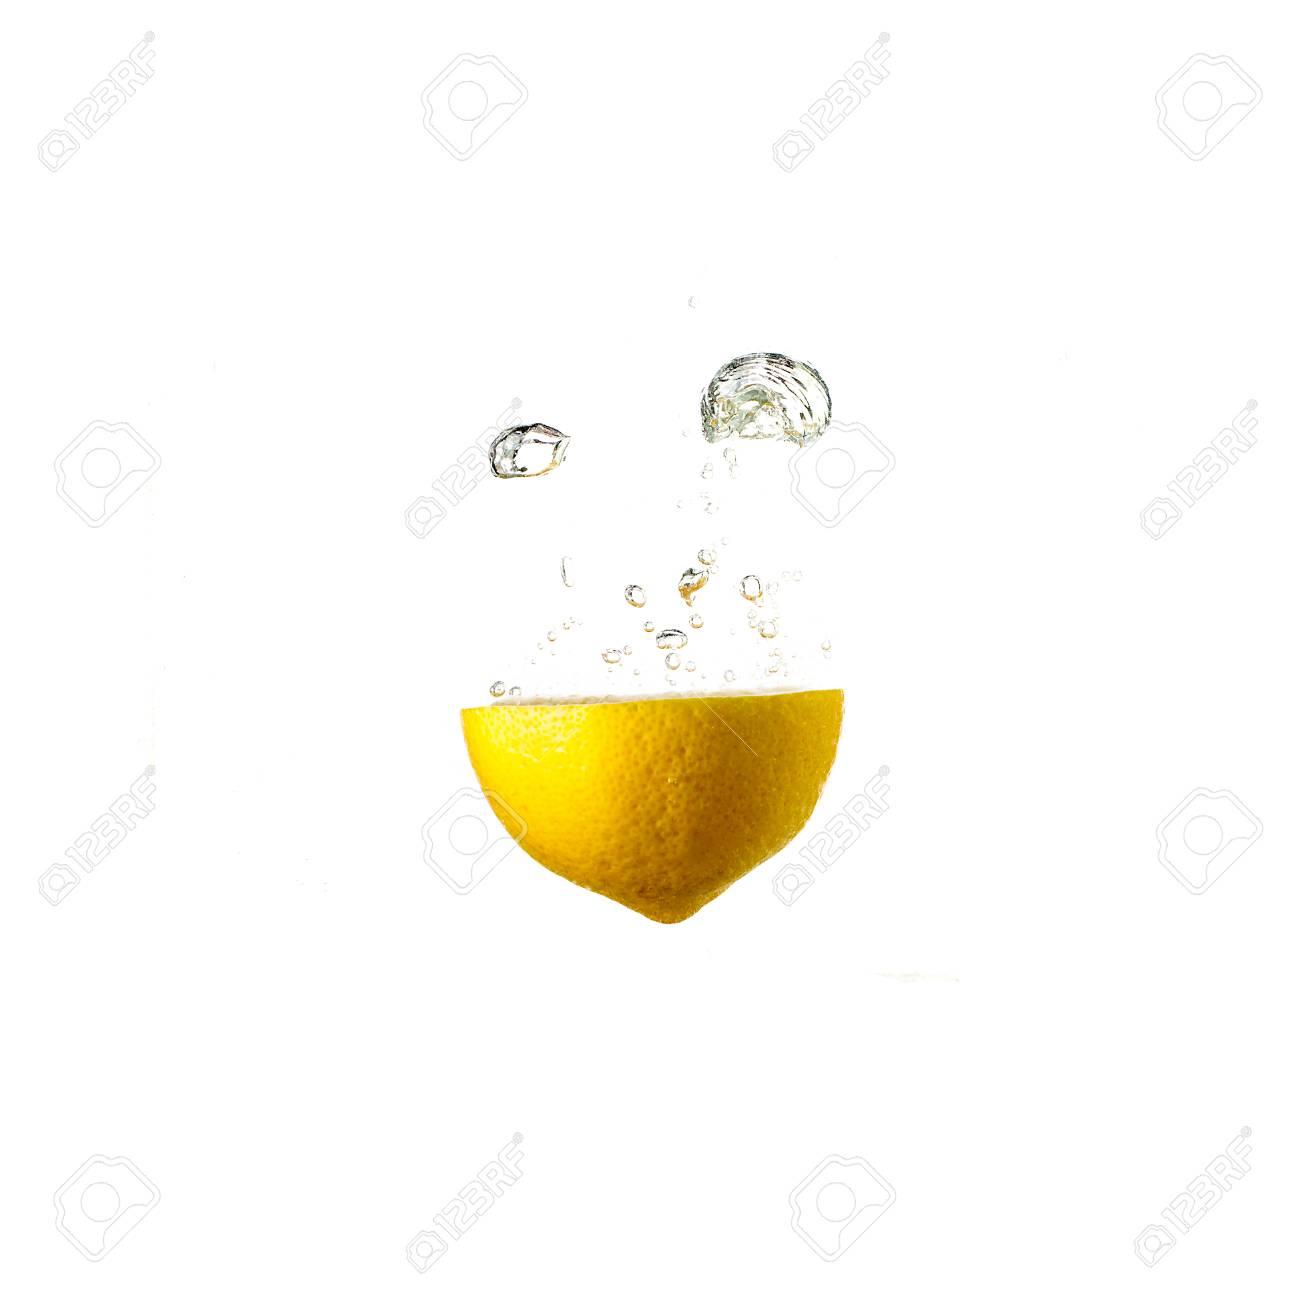 Zitronenspritzen Auf Dem Wasser, Getrennt Auf Weißem Hintergrund ...